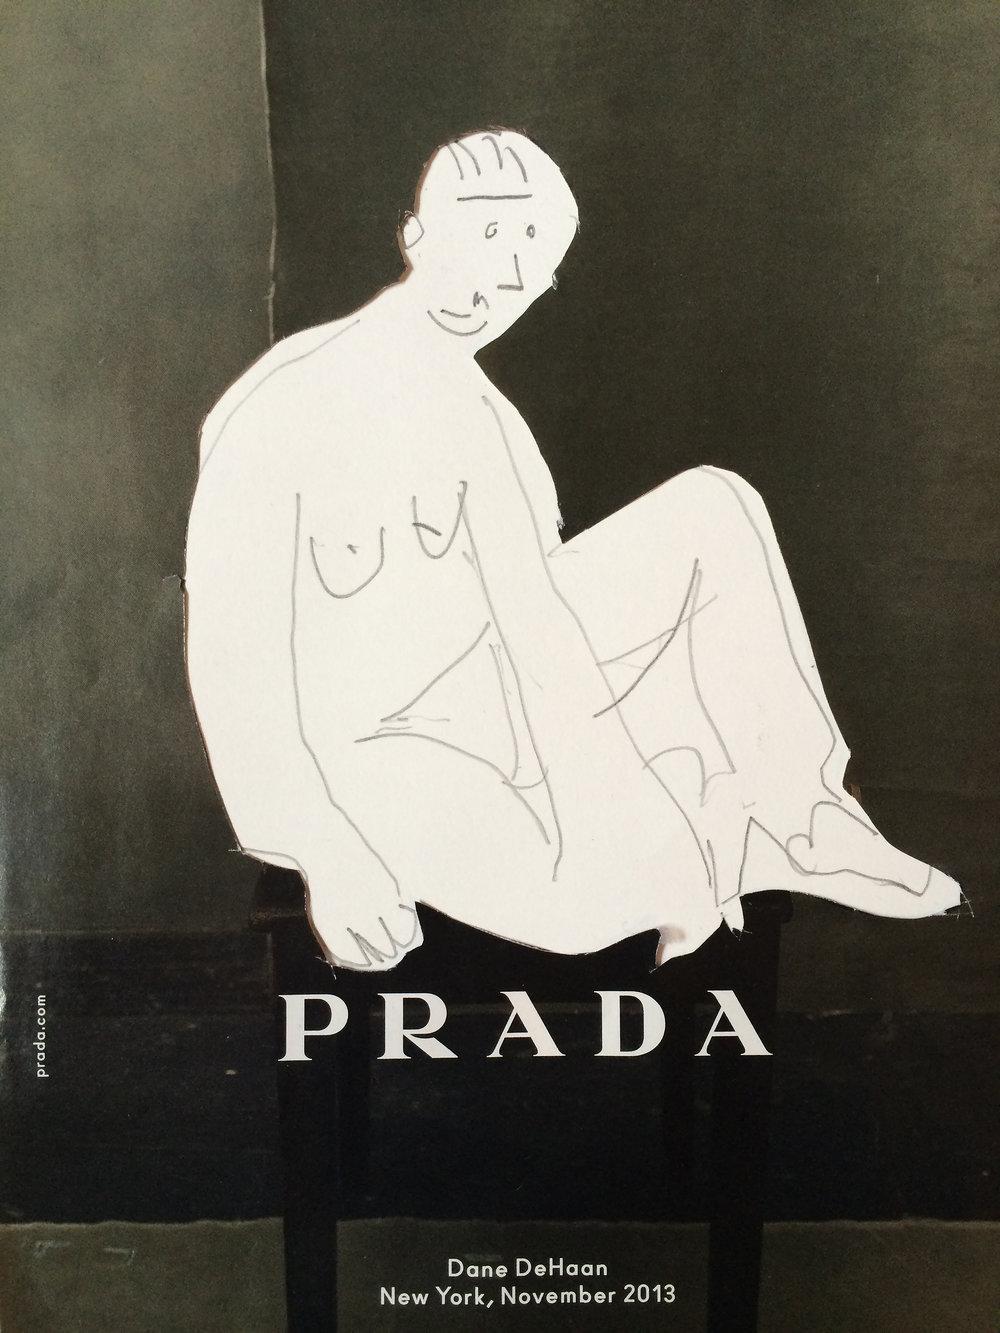 Prada_01.jpg